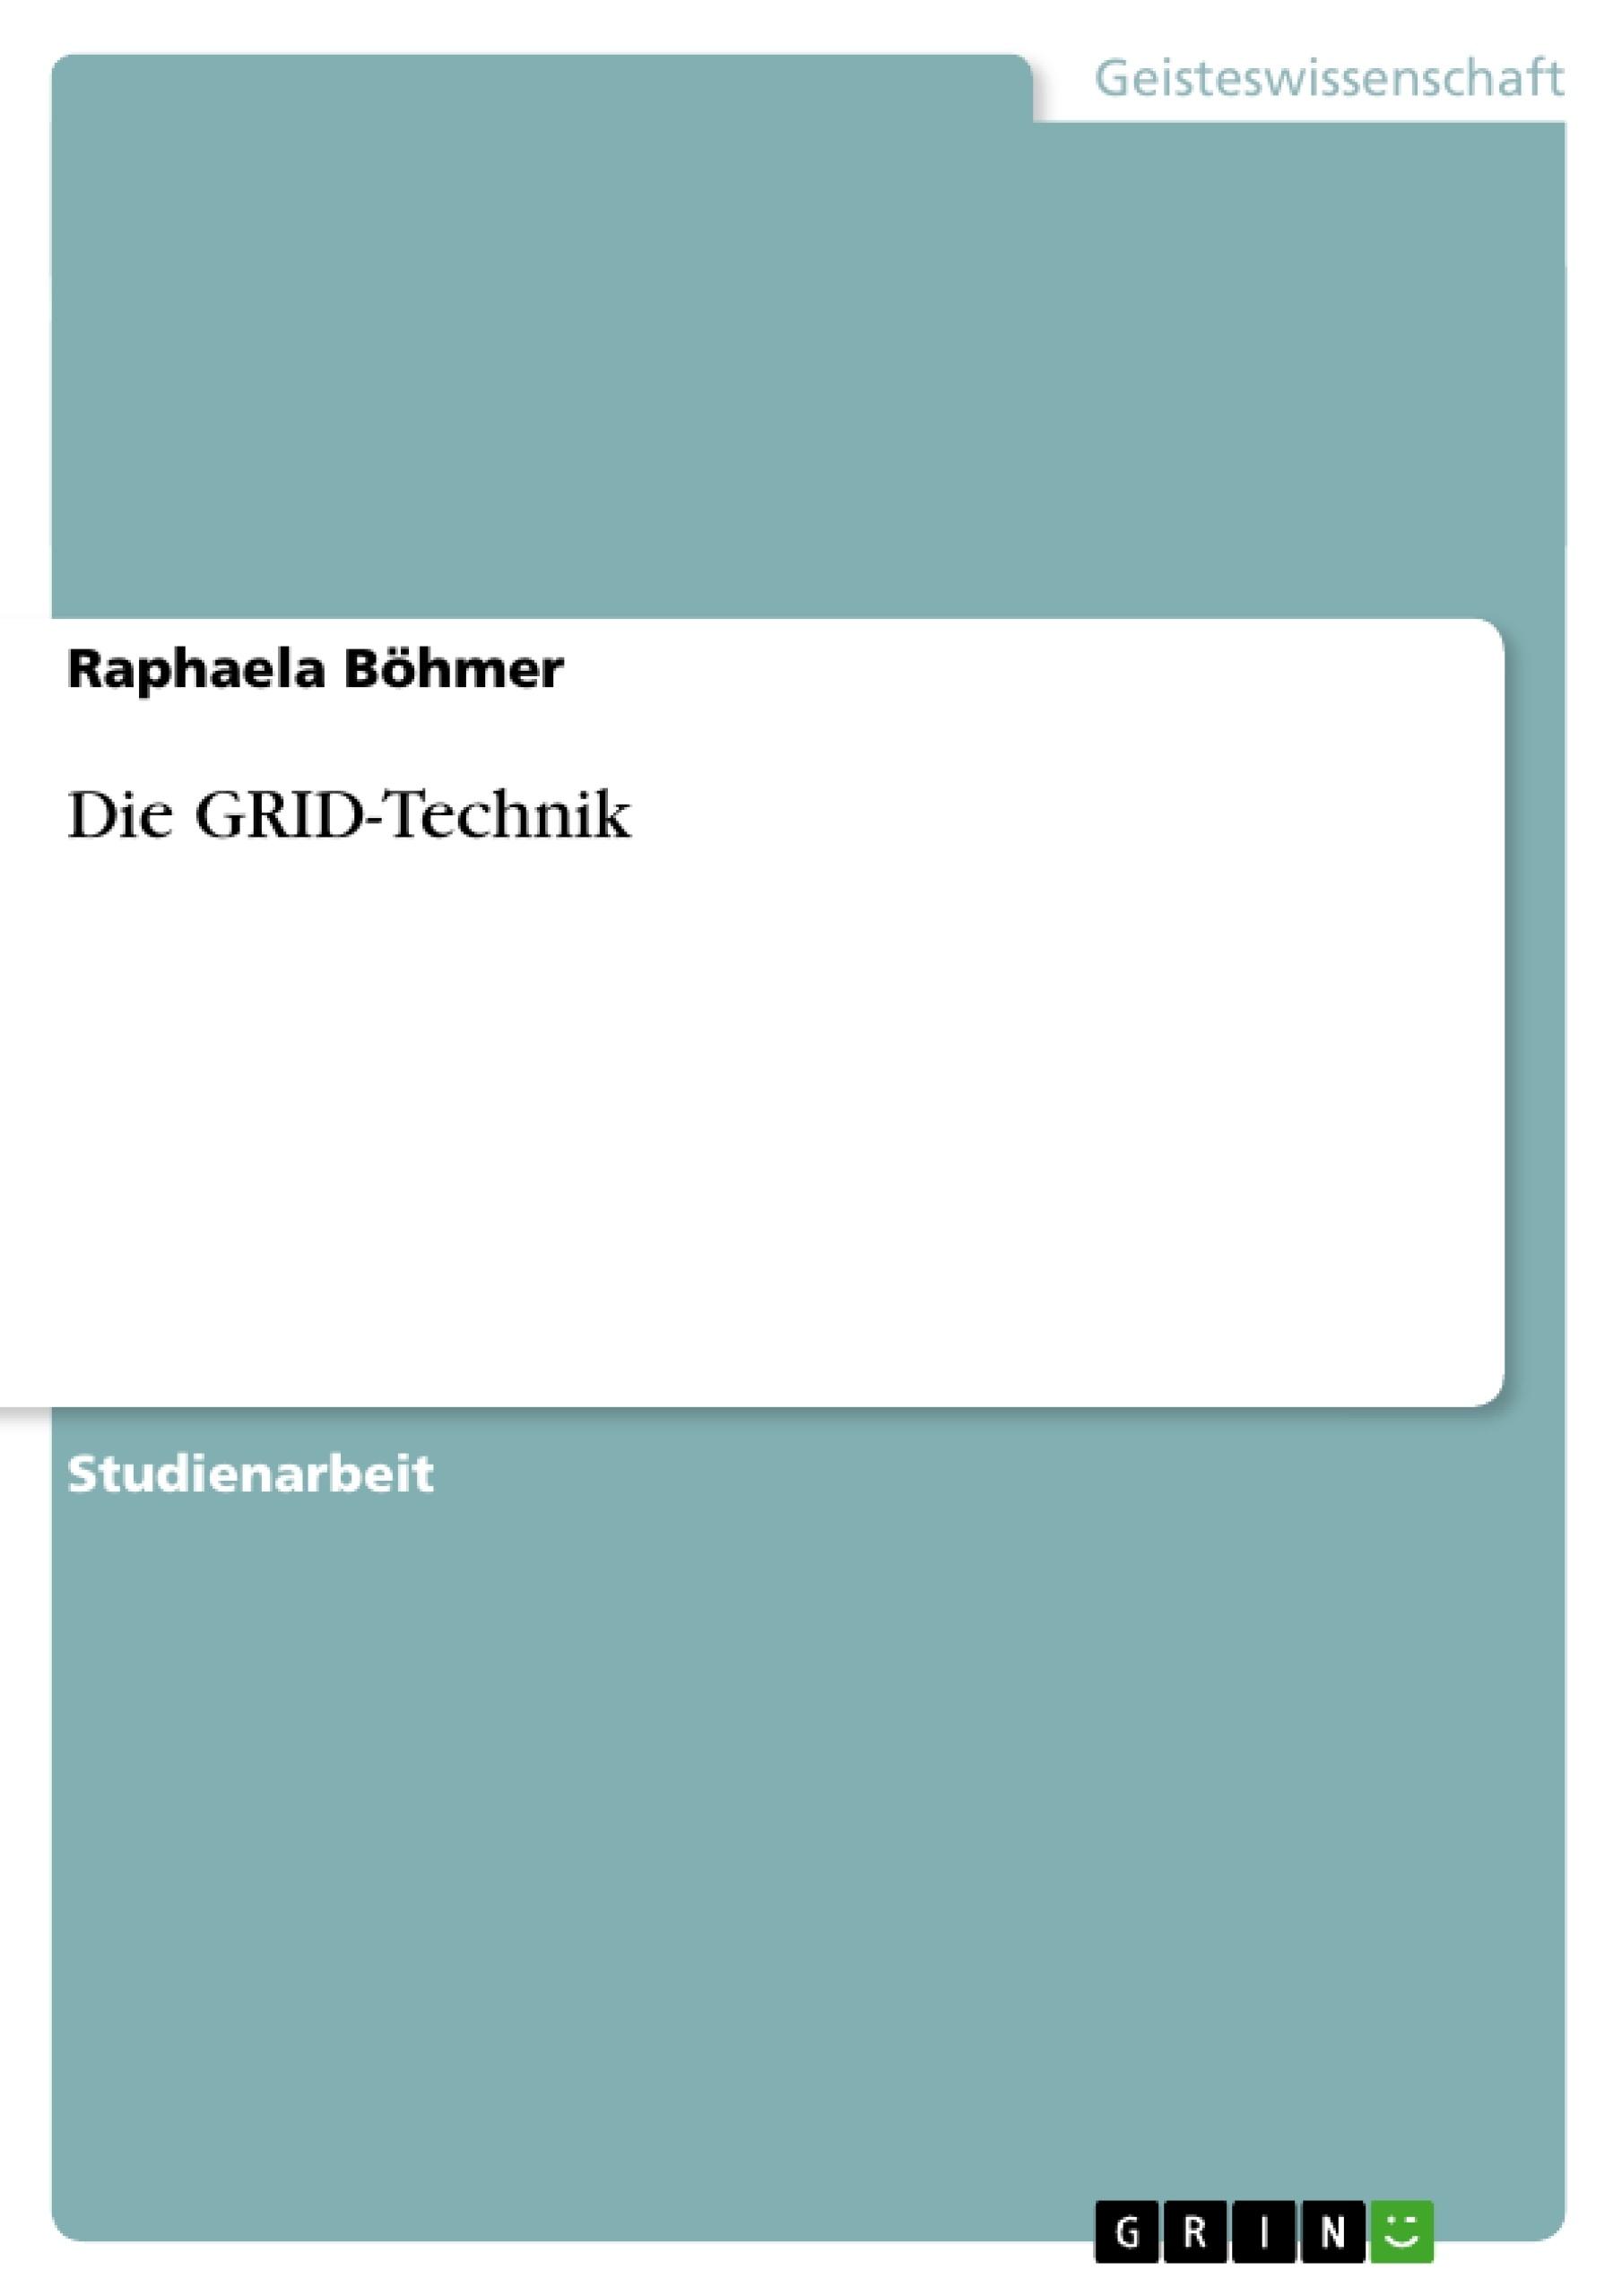 Titel: Die GRID-Technik